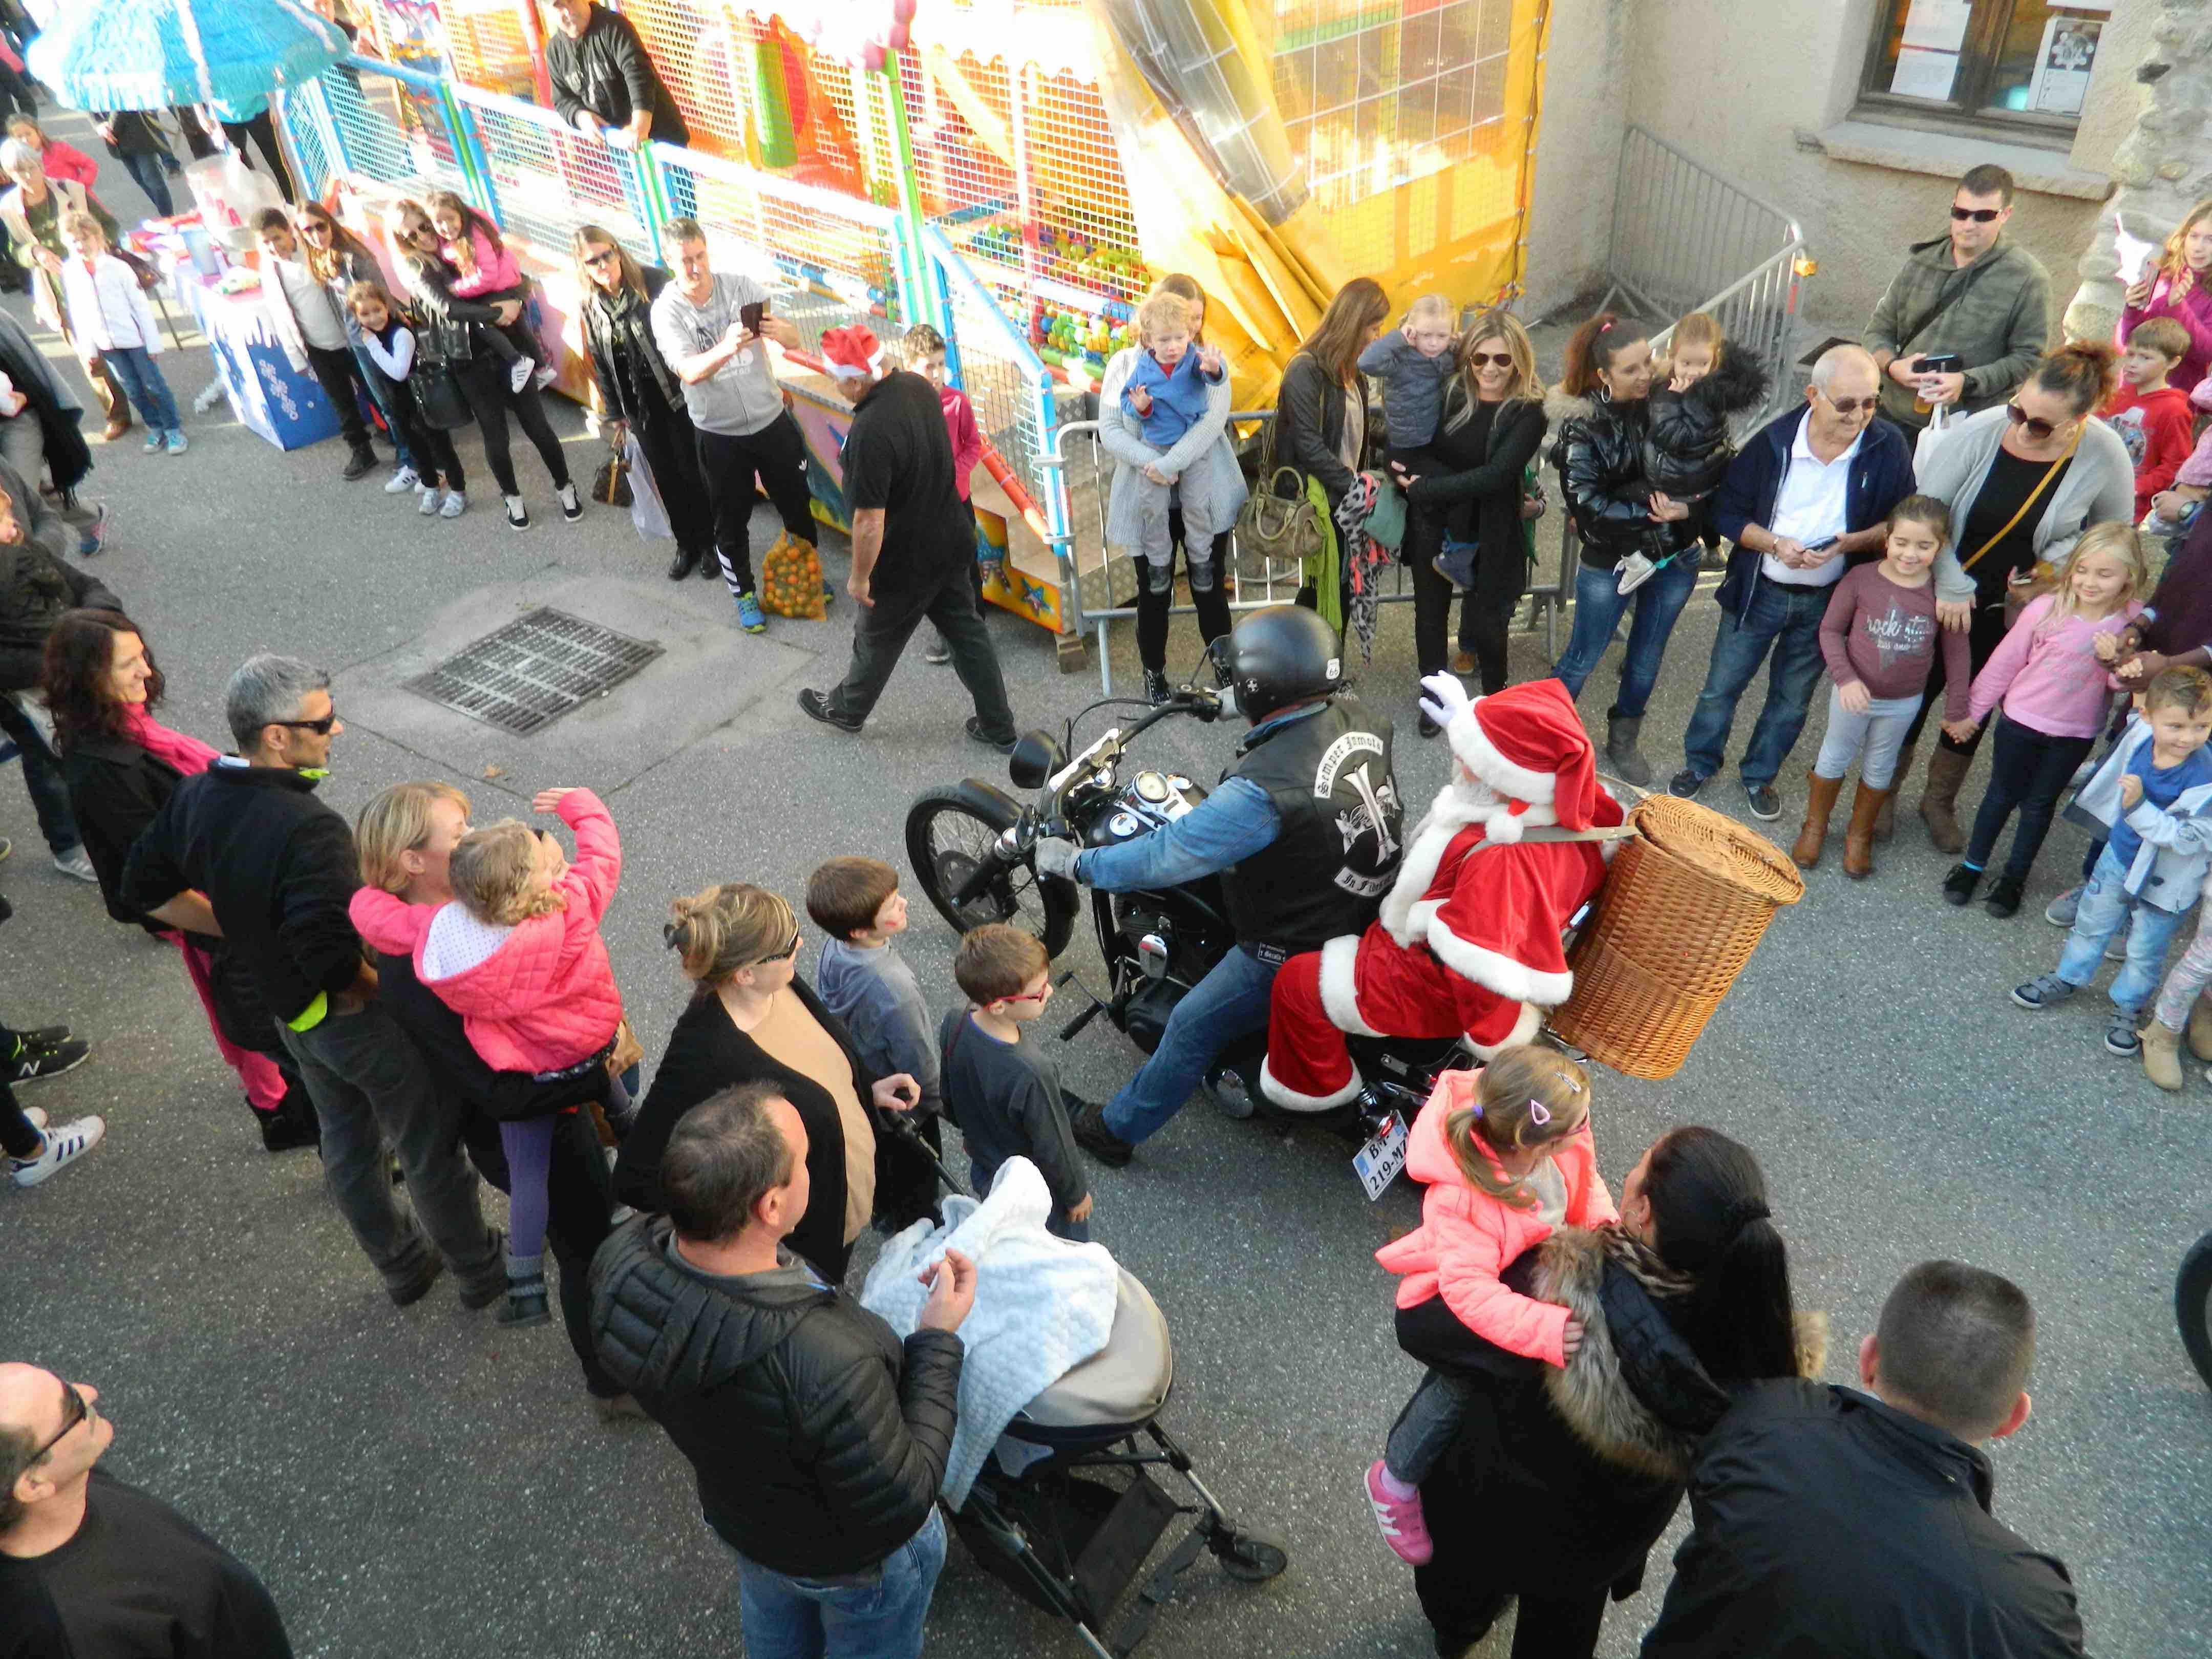 Christophe bénévole de l'association et membre d'une fraternité Biker a piloté le Père Noël.